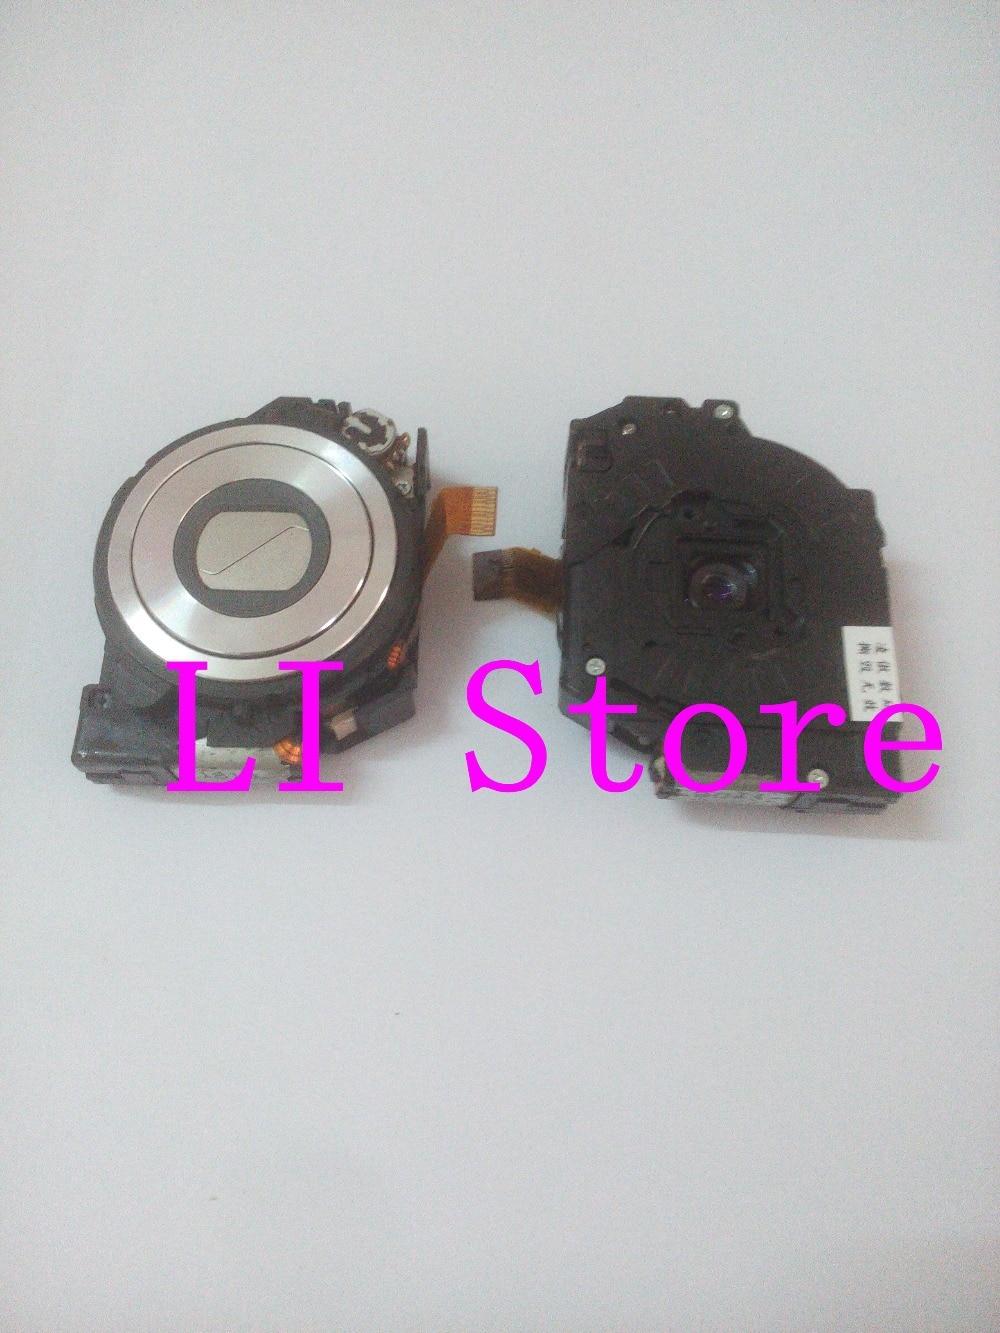 90% Nový originální objektiv W530 W320 Zoom pro Sony DSC-W320 W330 W530 W510 W550 W610 objektiv NO CCD kamera